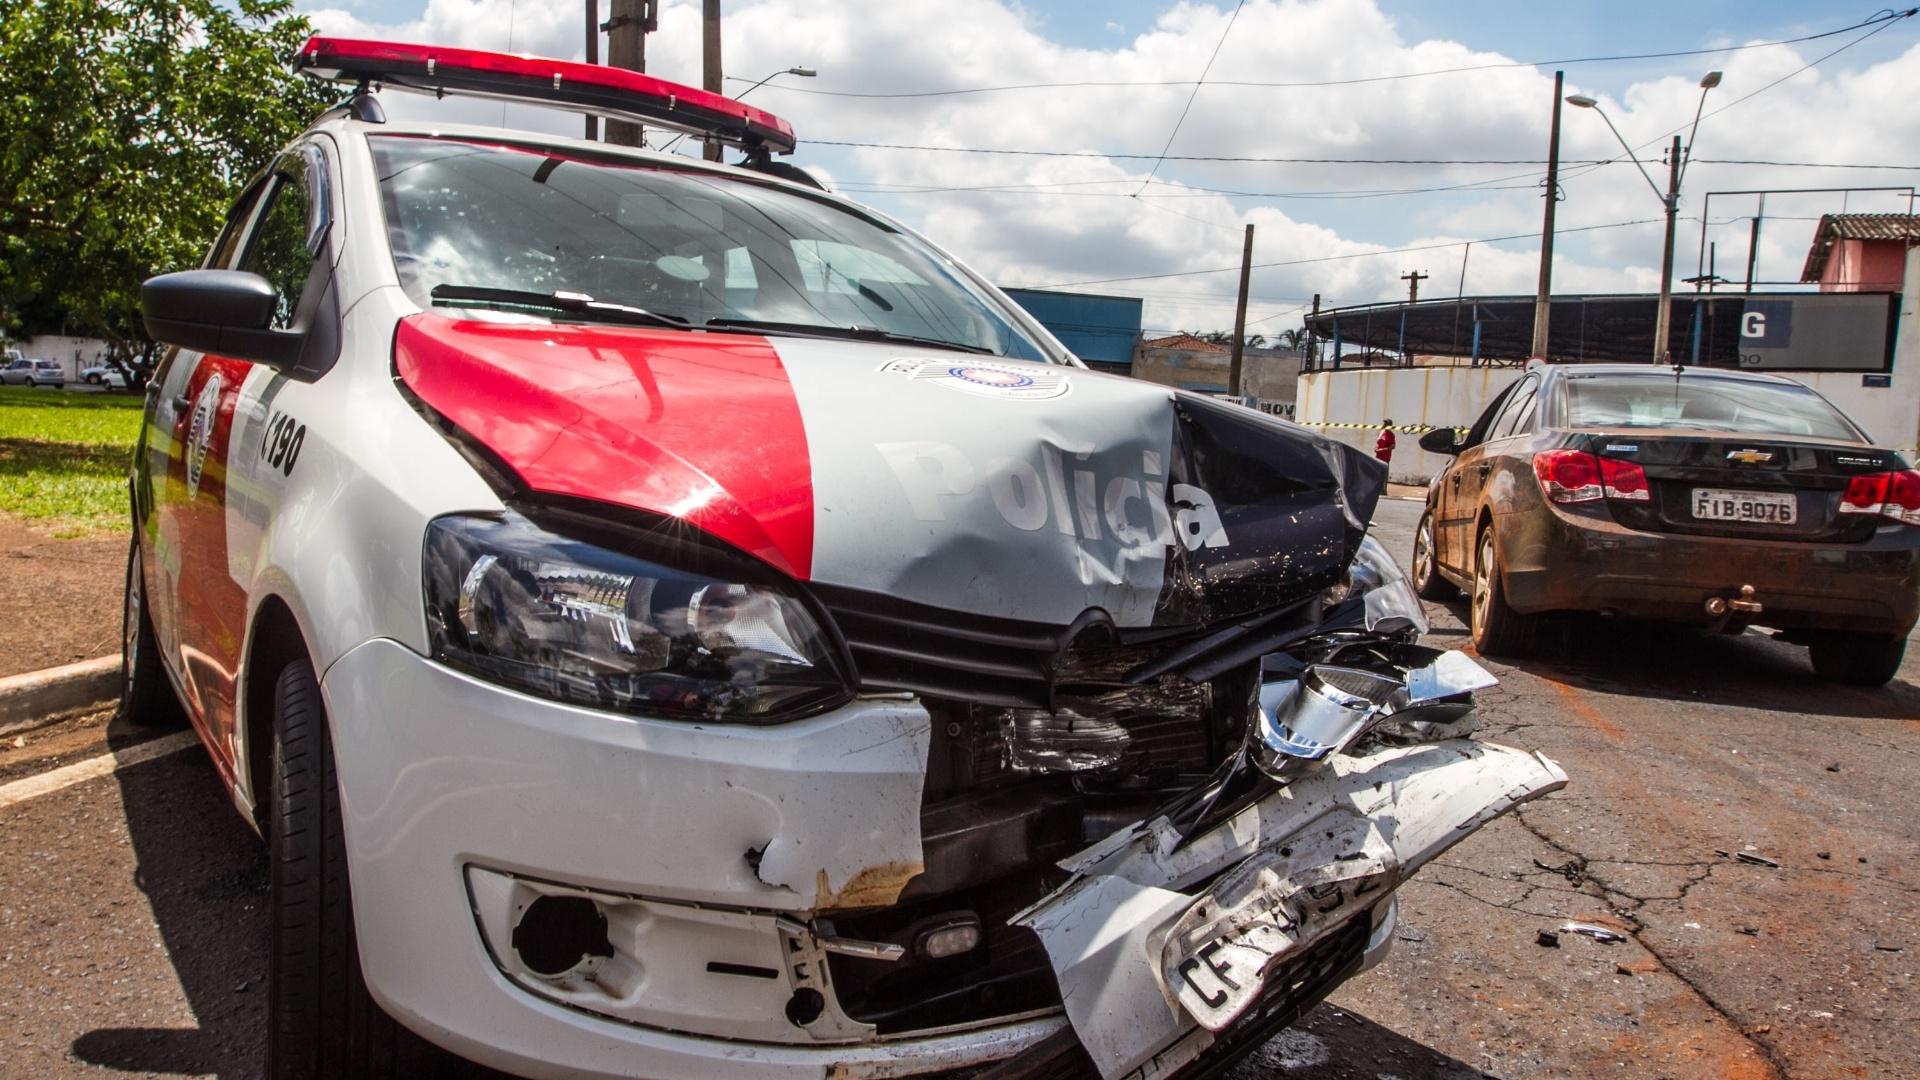 19.dez.2014 - Carro da Polícia Militar é atingido por veículo de criminosos em fuga, após roubo de uma residência na cidade de Pontal, a 351 km de São Paulo, nesta sexta-feira. O menor, de 16 anos, que estava ao volante perdeu o controle e bateu em um Cruze branco e no carro da polícia. Com os suspeitos foram encontrados mais de R$ 6 mil em eletroeletrônicos e um revólver calibre 38